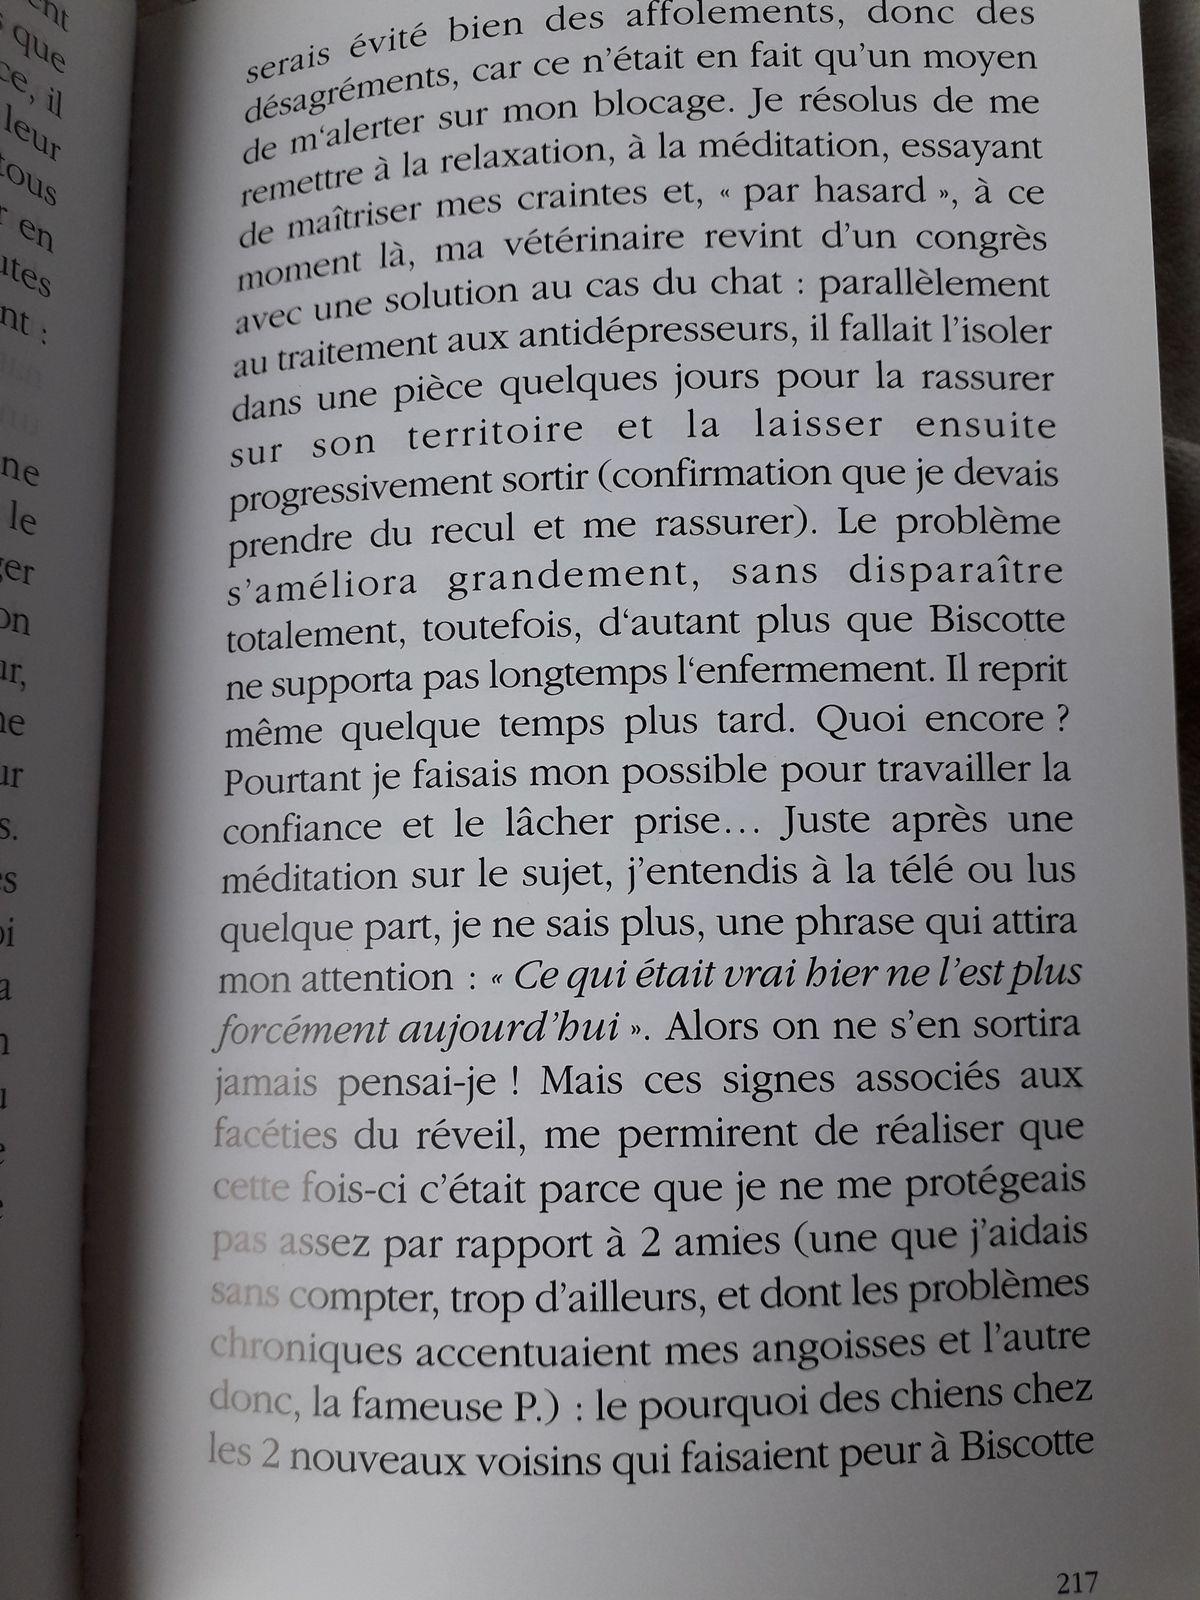 Suite Pluie de Poussières d'Etoiles, page 216 à 220